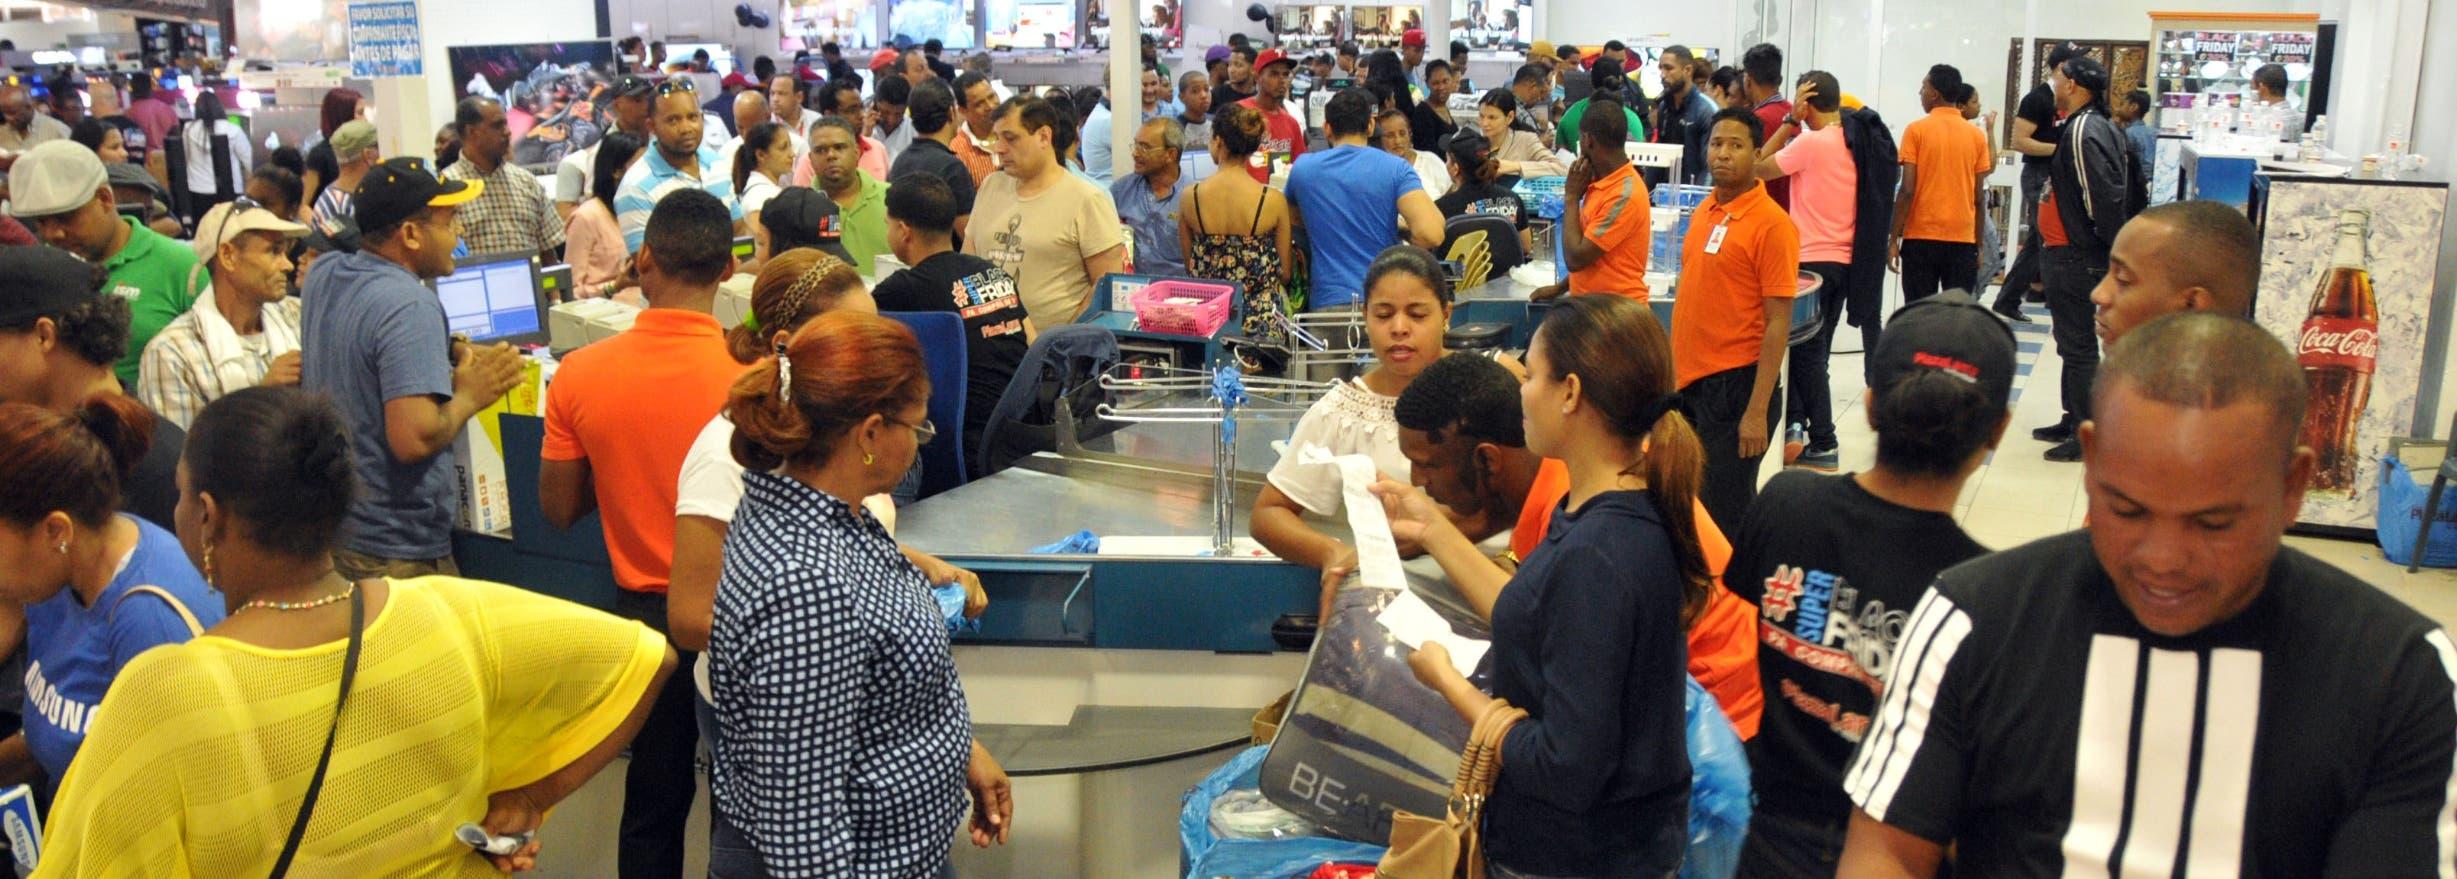 Recorrido por algunas tiendas de la capital, para hacer reportaje sobre el Black Friday en Republica Dominicana. Plaza Lama 27 de Febrero. Foto: Alberto Calvo